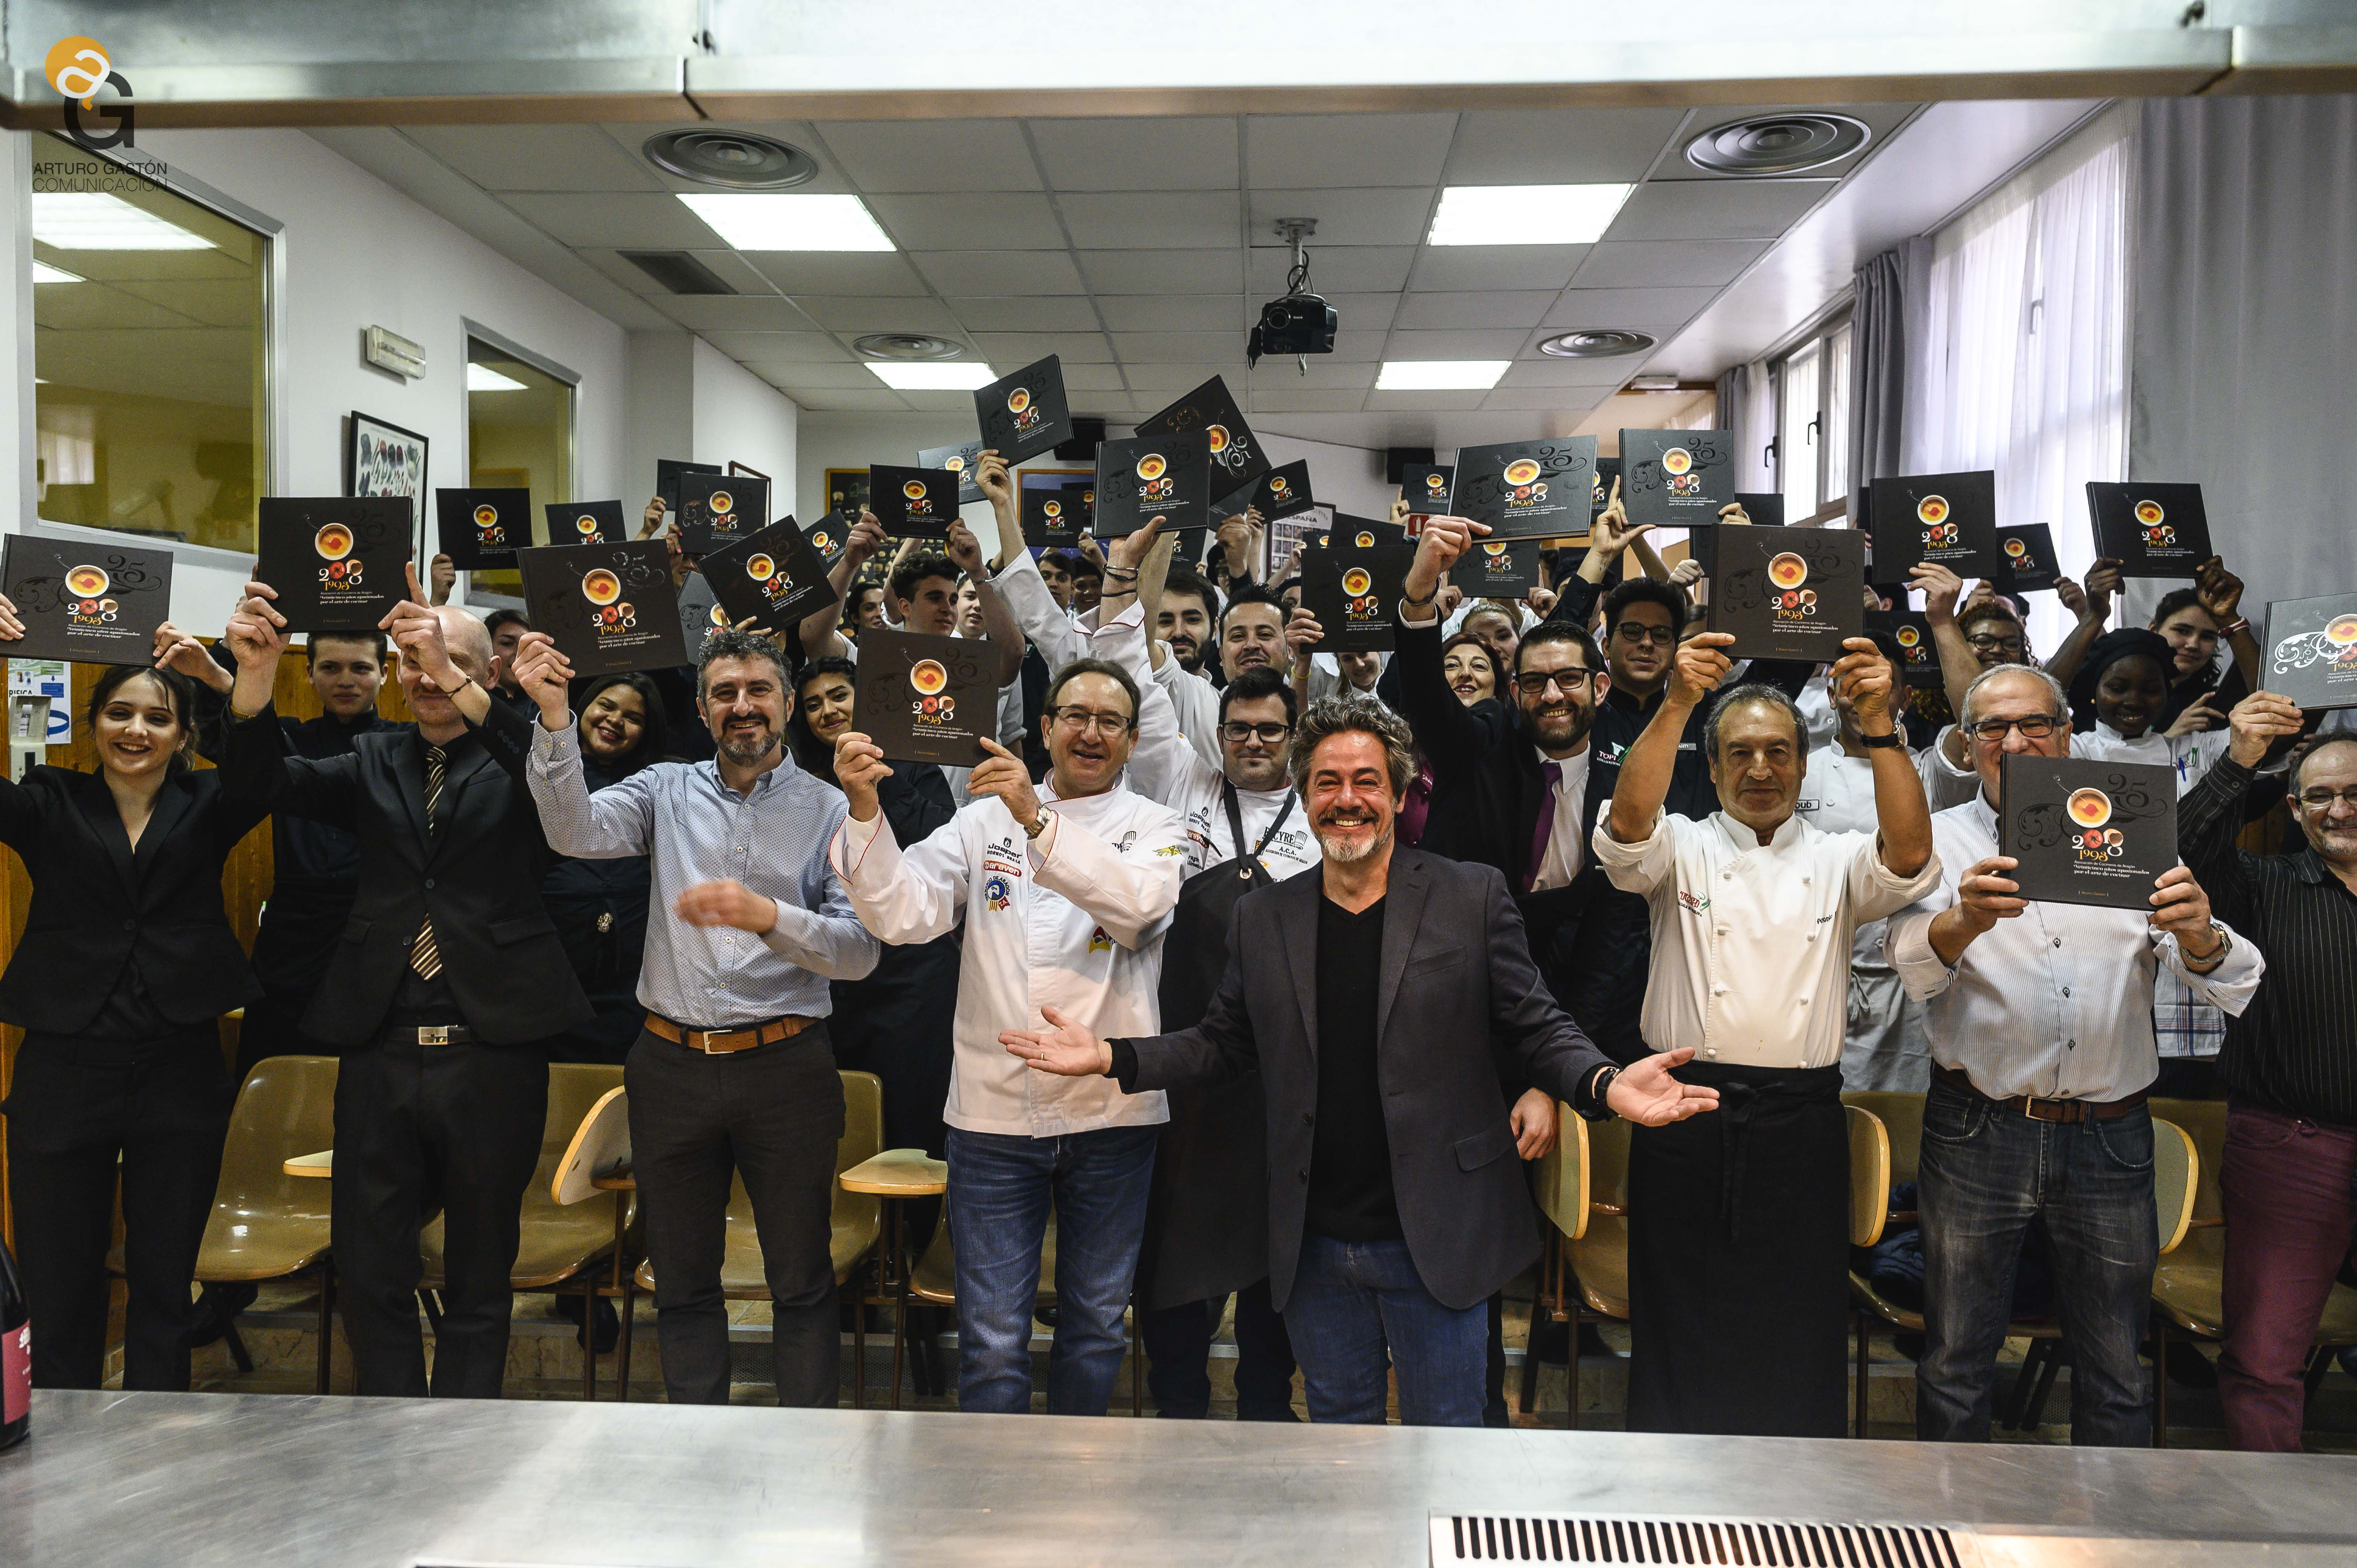 Cocina retrospectiva en Topi para celebrar la presentación del libro 25 años apasionados  por el arte de cocinar